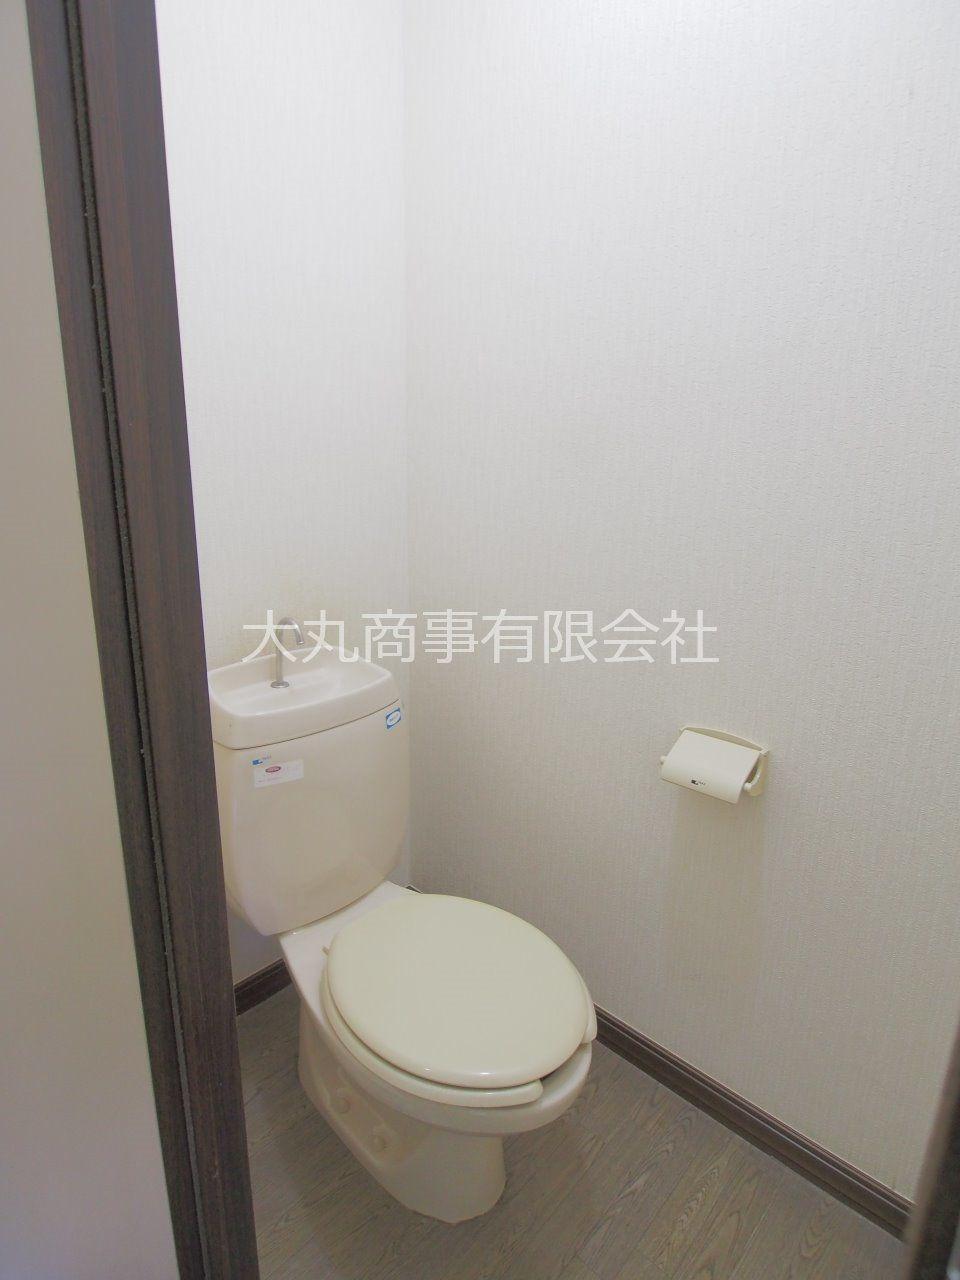 トイレ内にコンセントがあり